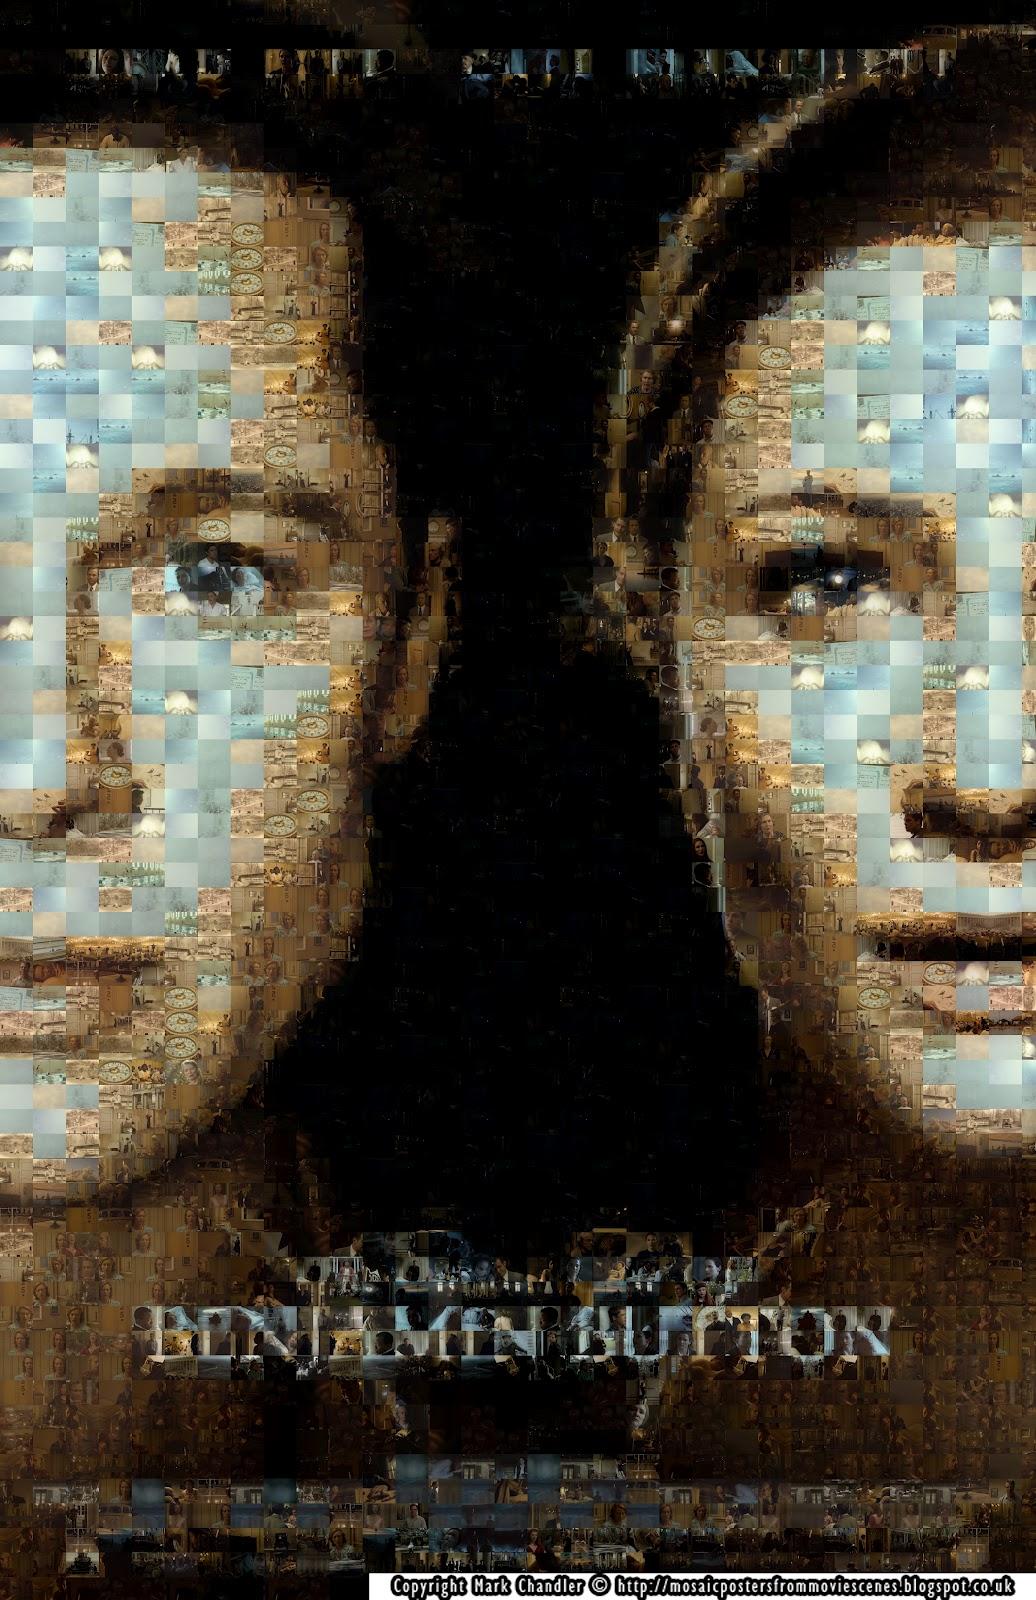 http://4.bp.blogspot.com/-ATFf5S_UbRI/T3K3KlklCMI/AAAAAAAAA-w/qPK43M8BYv8/s1600/Curious+Case+Benjamin+Button-Mosaic+5000+copy.jpg